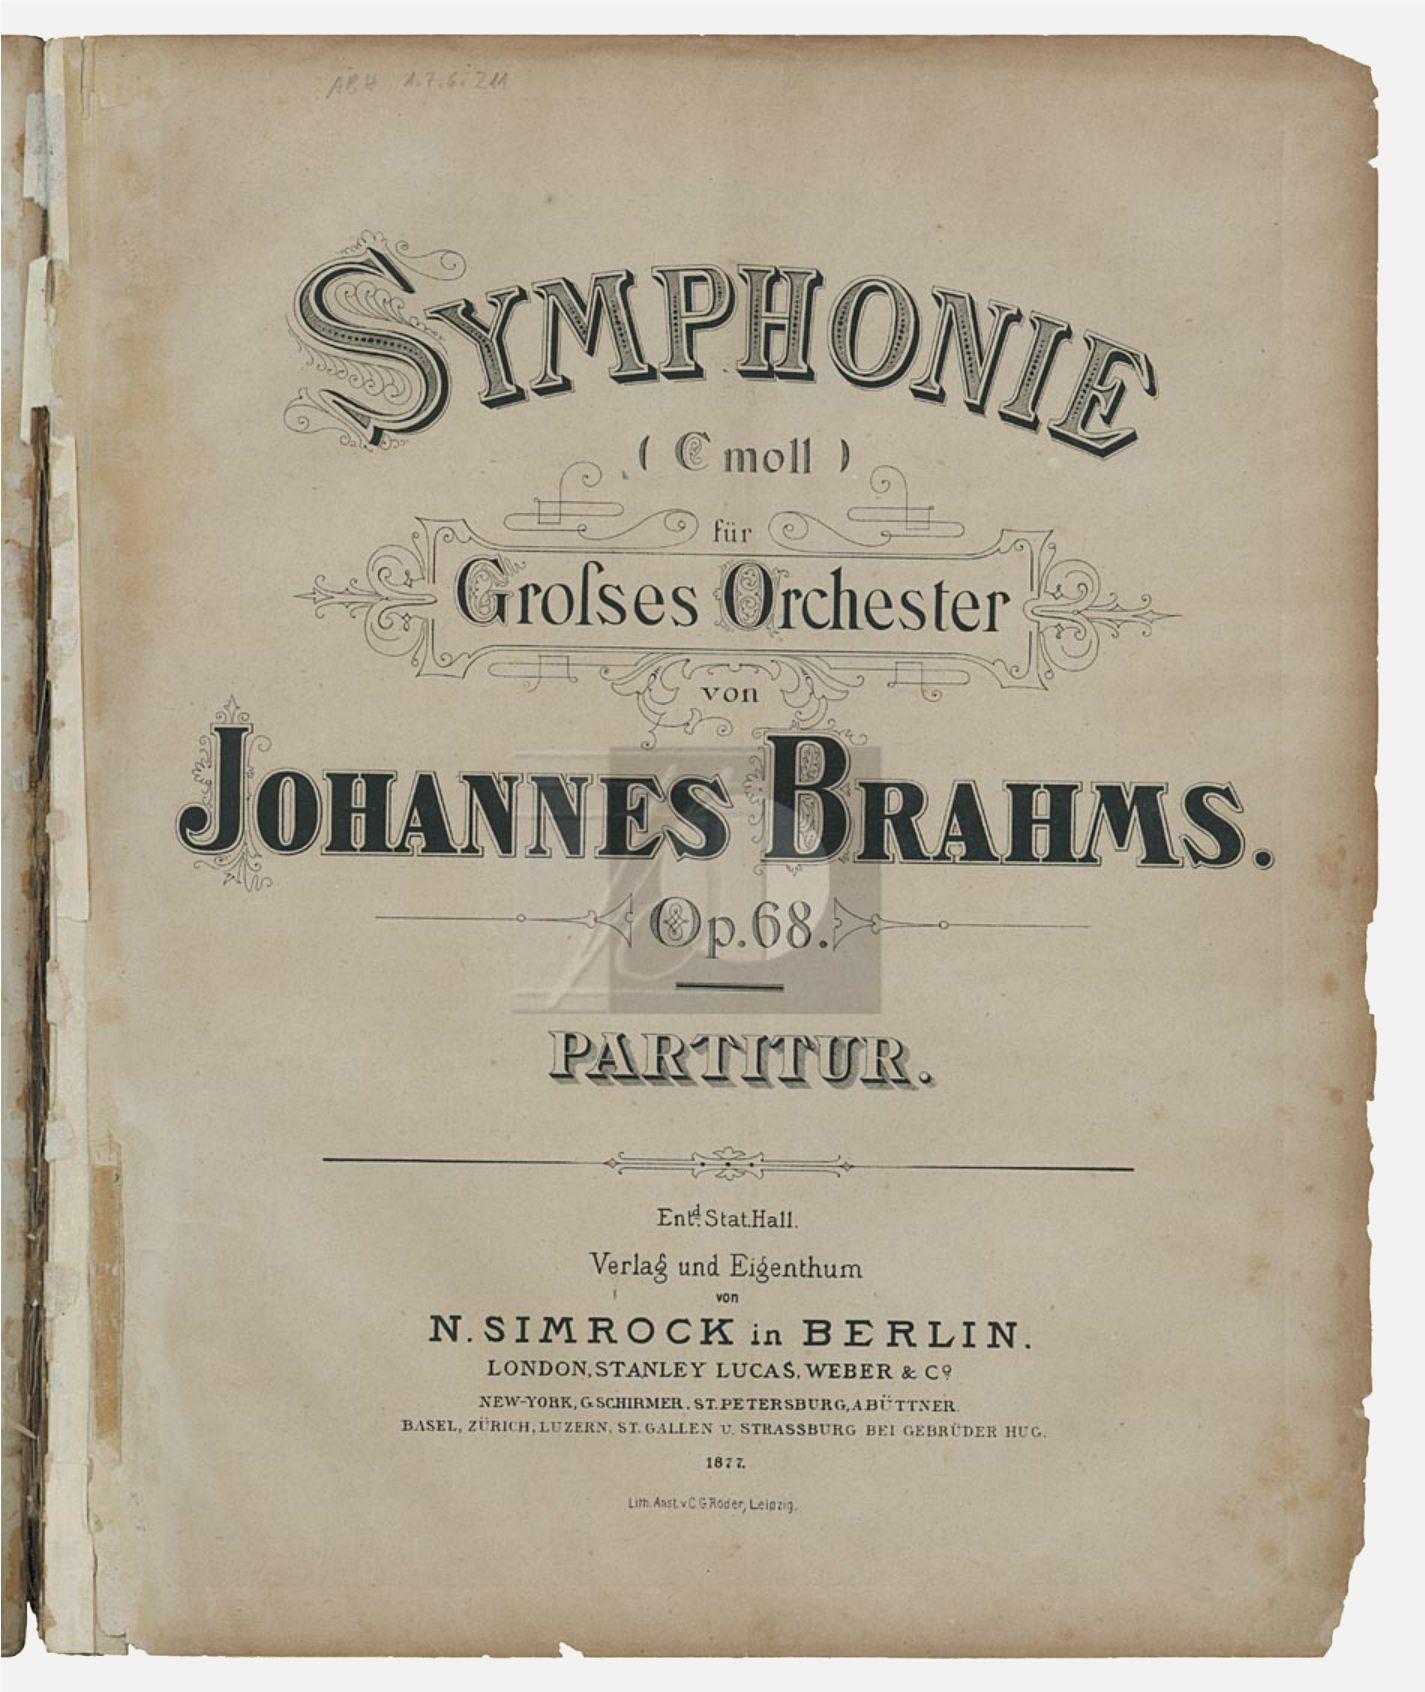 Johannes Brahms, symphonie No 1, page de couverture de la première édition, Berlin: N. Simrock, 1877. Plate 7957, cliquer pour pour voir l'original